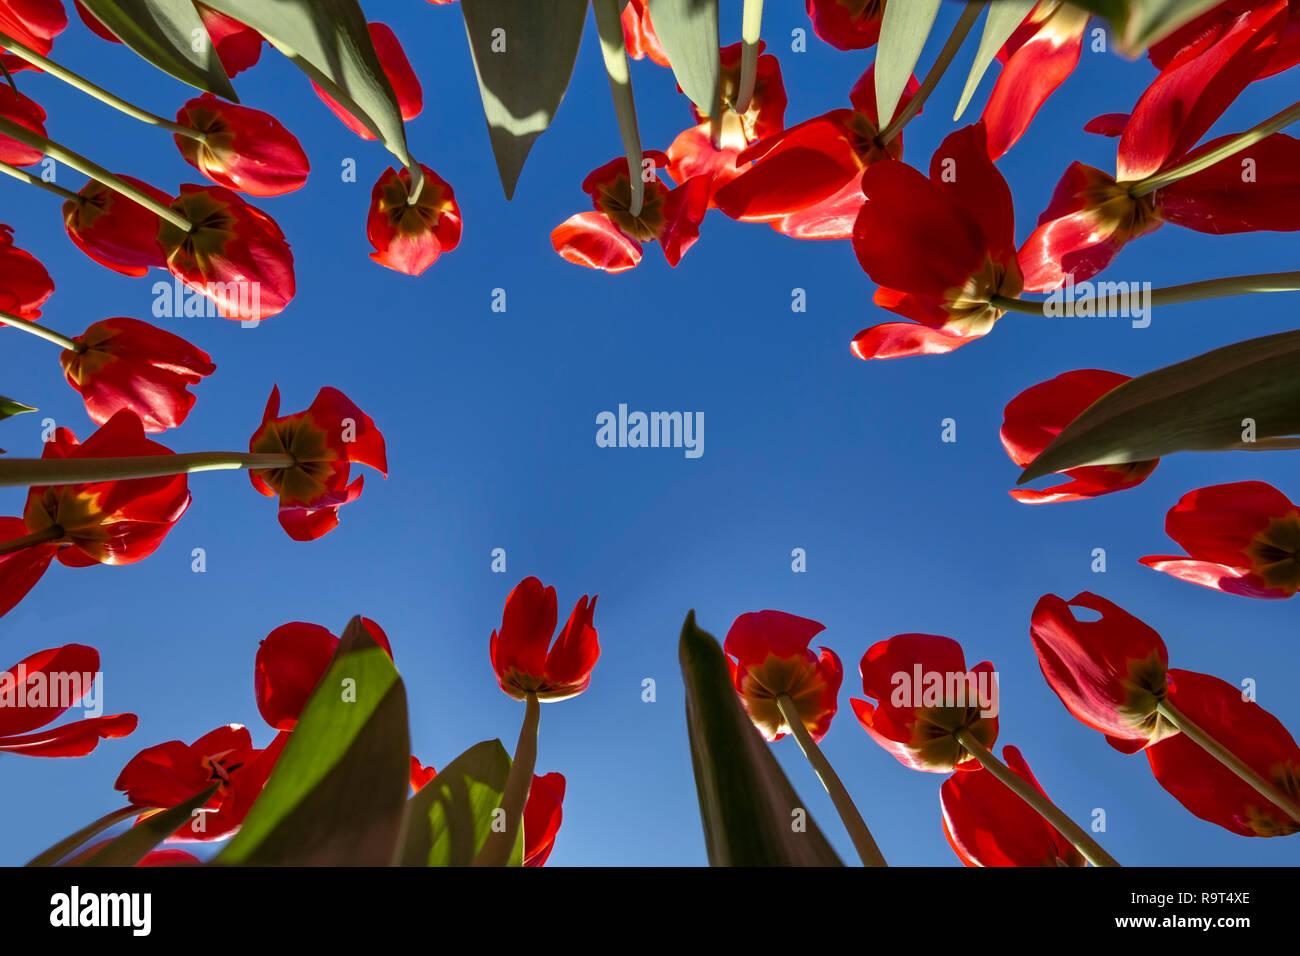 Vista de ajuste concéntrico de tulipanes rojos apuntando a un cielo azul sin nubes vivid muelle Imagen De Stock